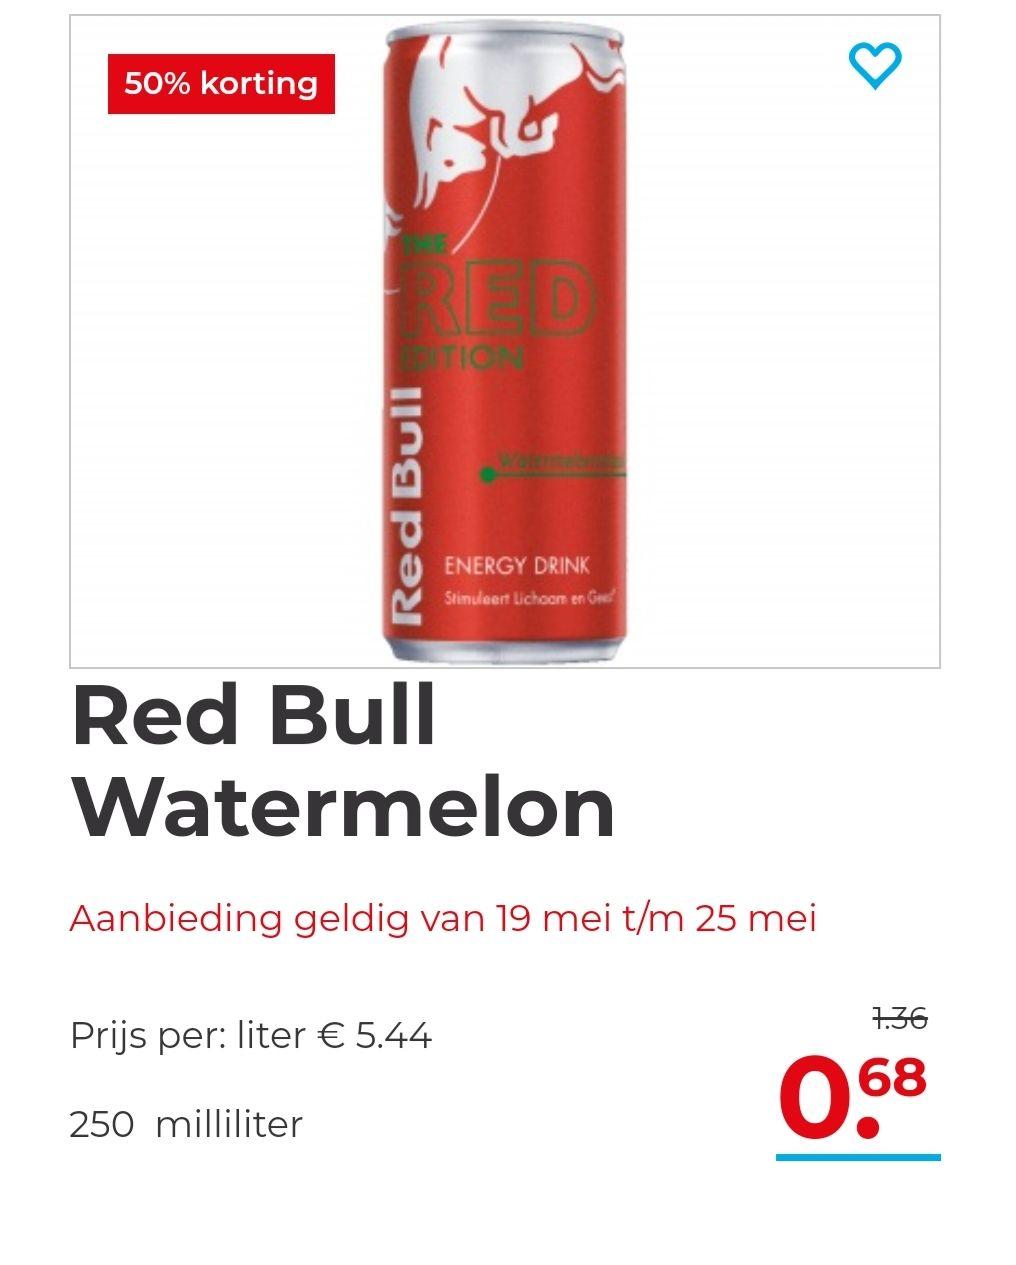 Red Bull Watermeloen met 50% korting!